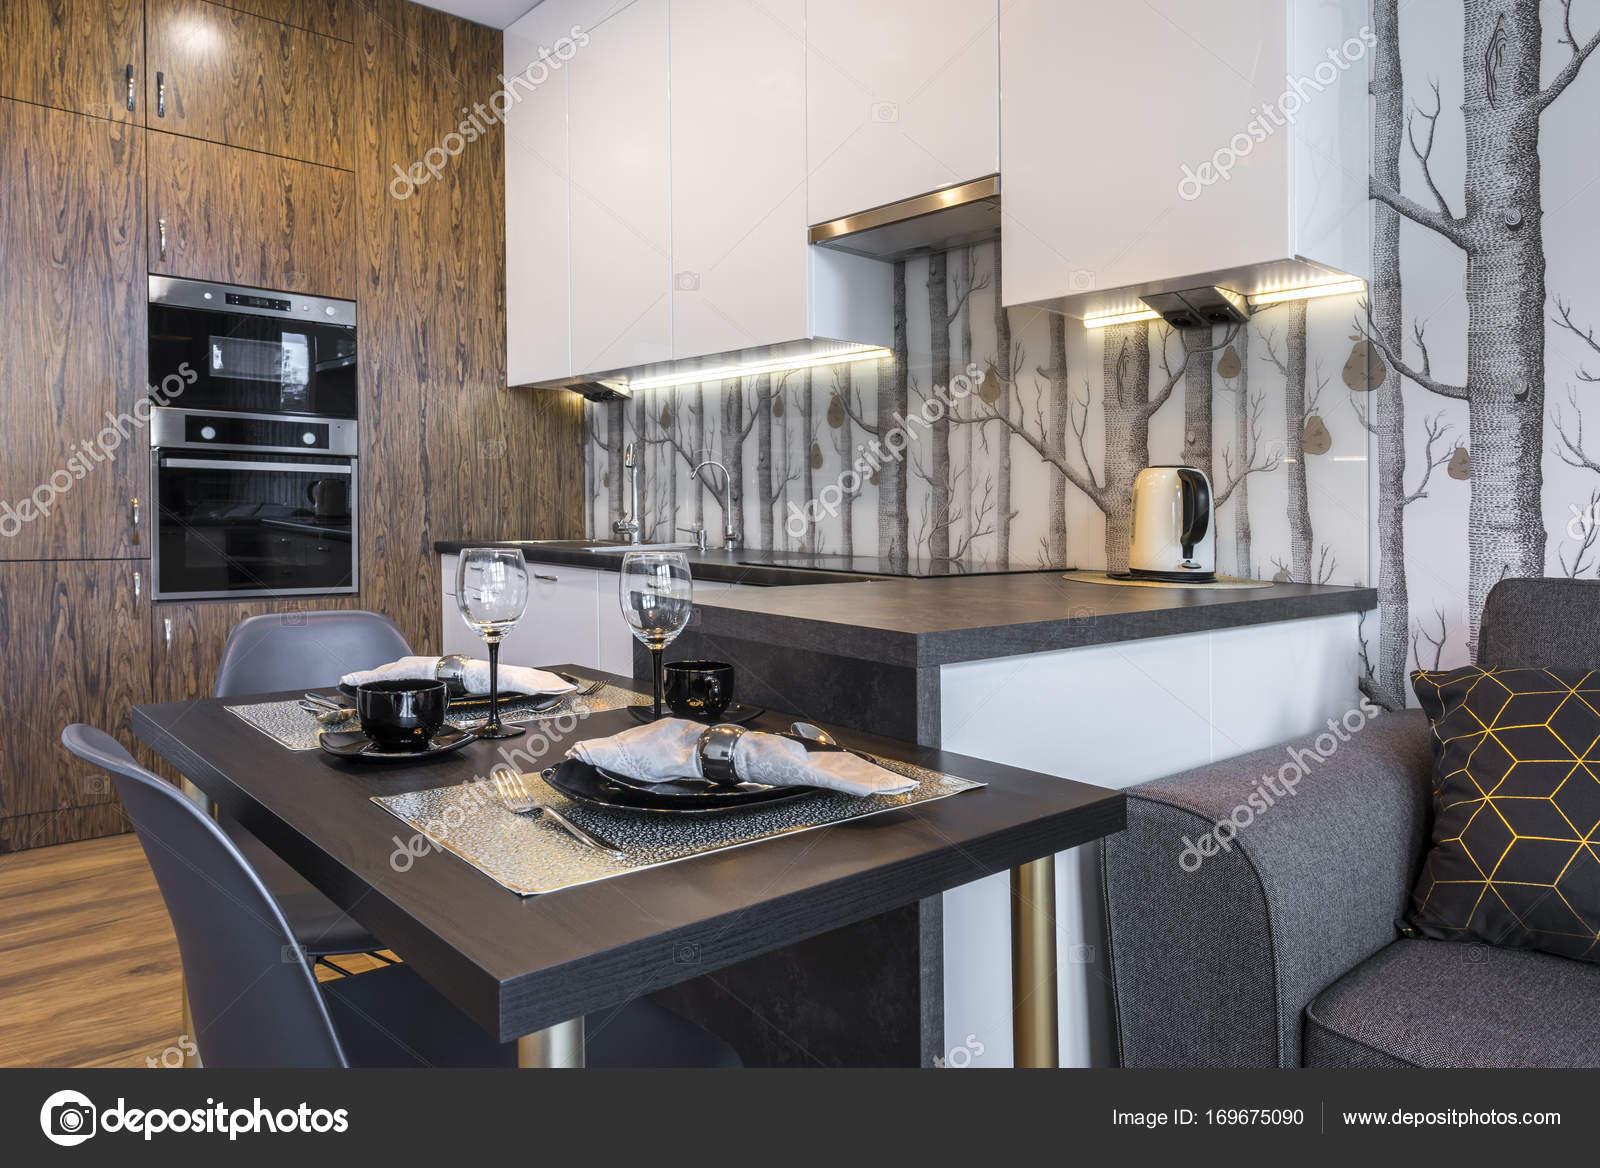 Cozinha De Design De Interiores Moderno Stock Photo Jacek_kadaj